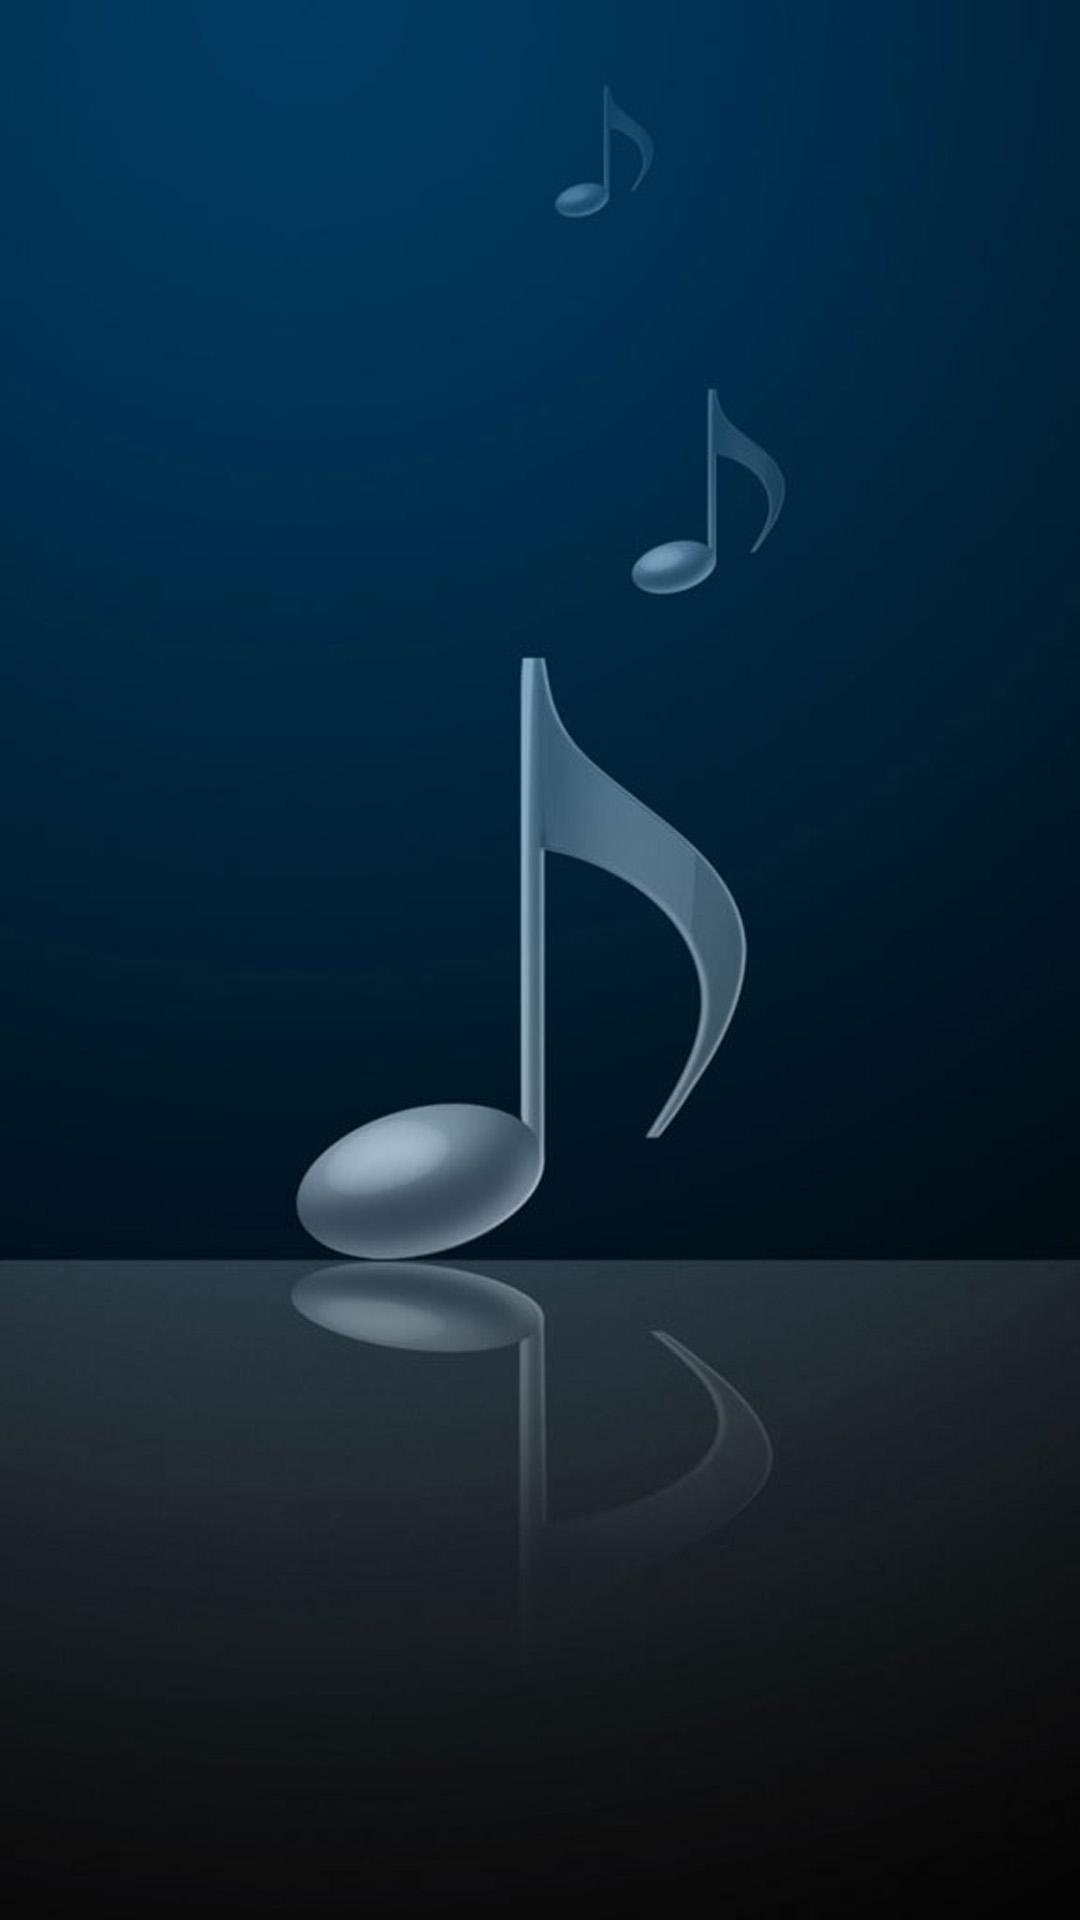 Fond D Cran Smartphone Musique 40 1080x1920